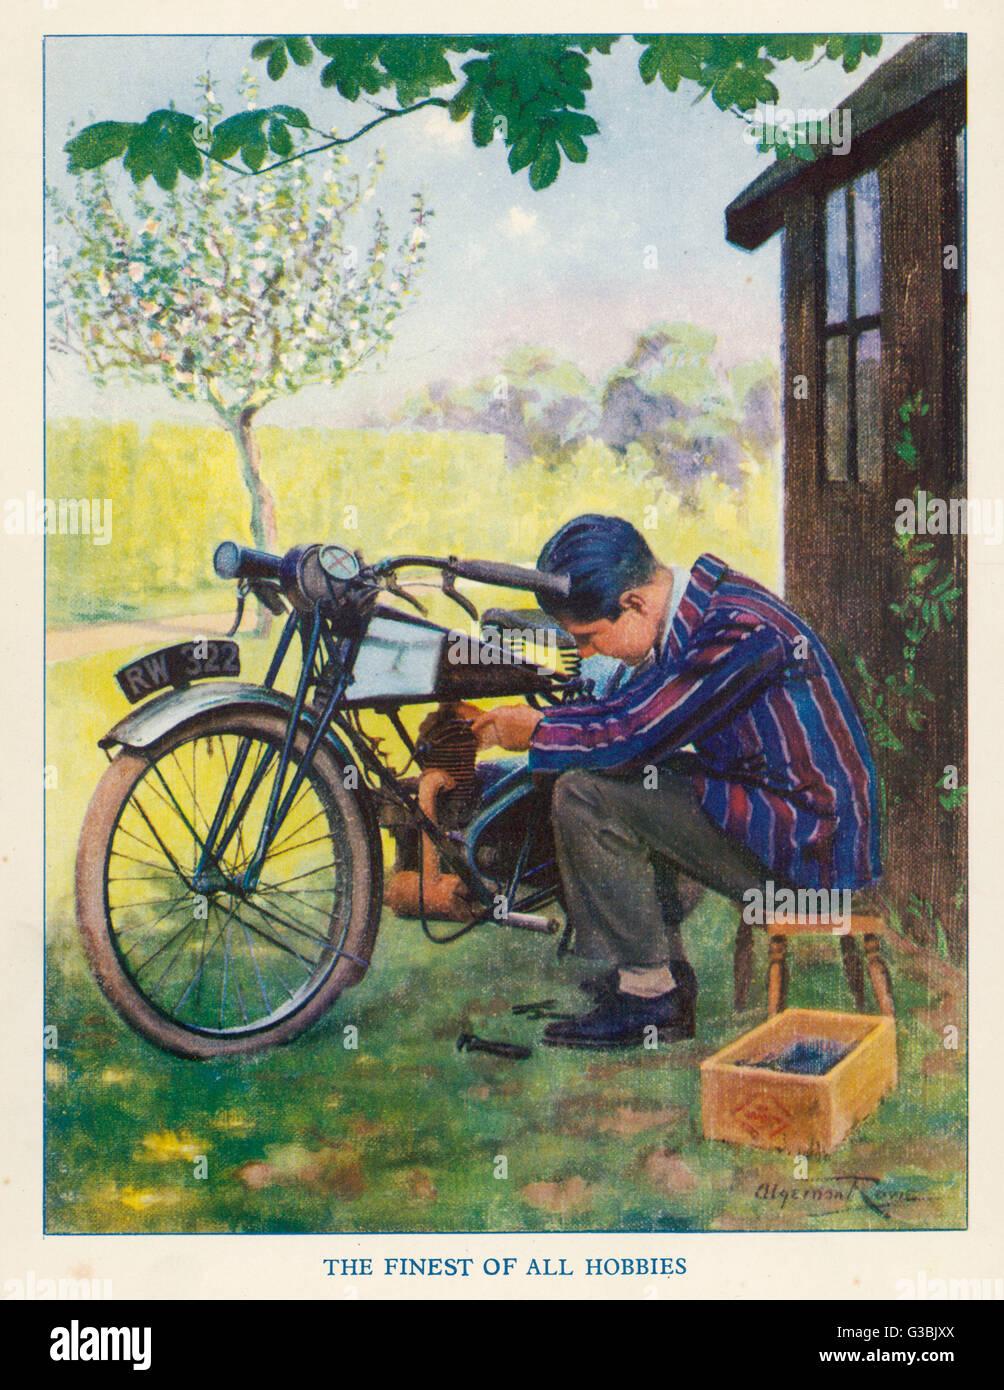 'Le plus beau de tous les passe-temps' - un garçon bricole avec sa moto. Date: 1928 Photo Stock